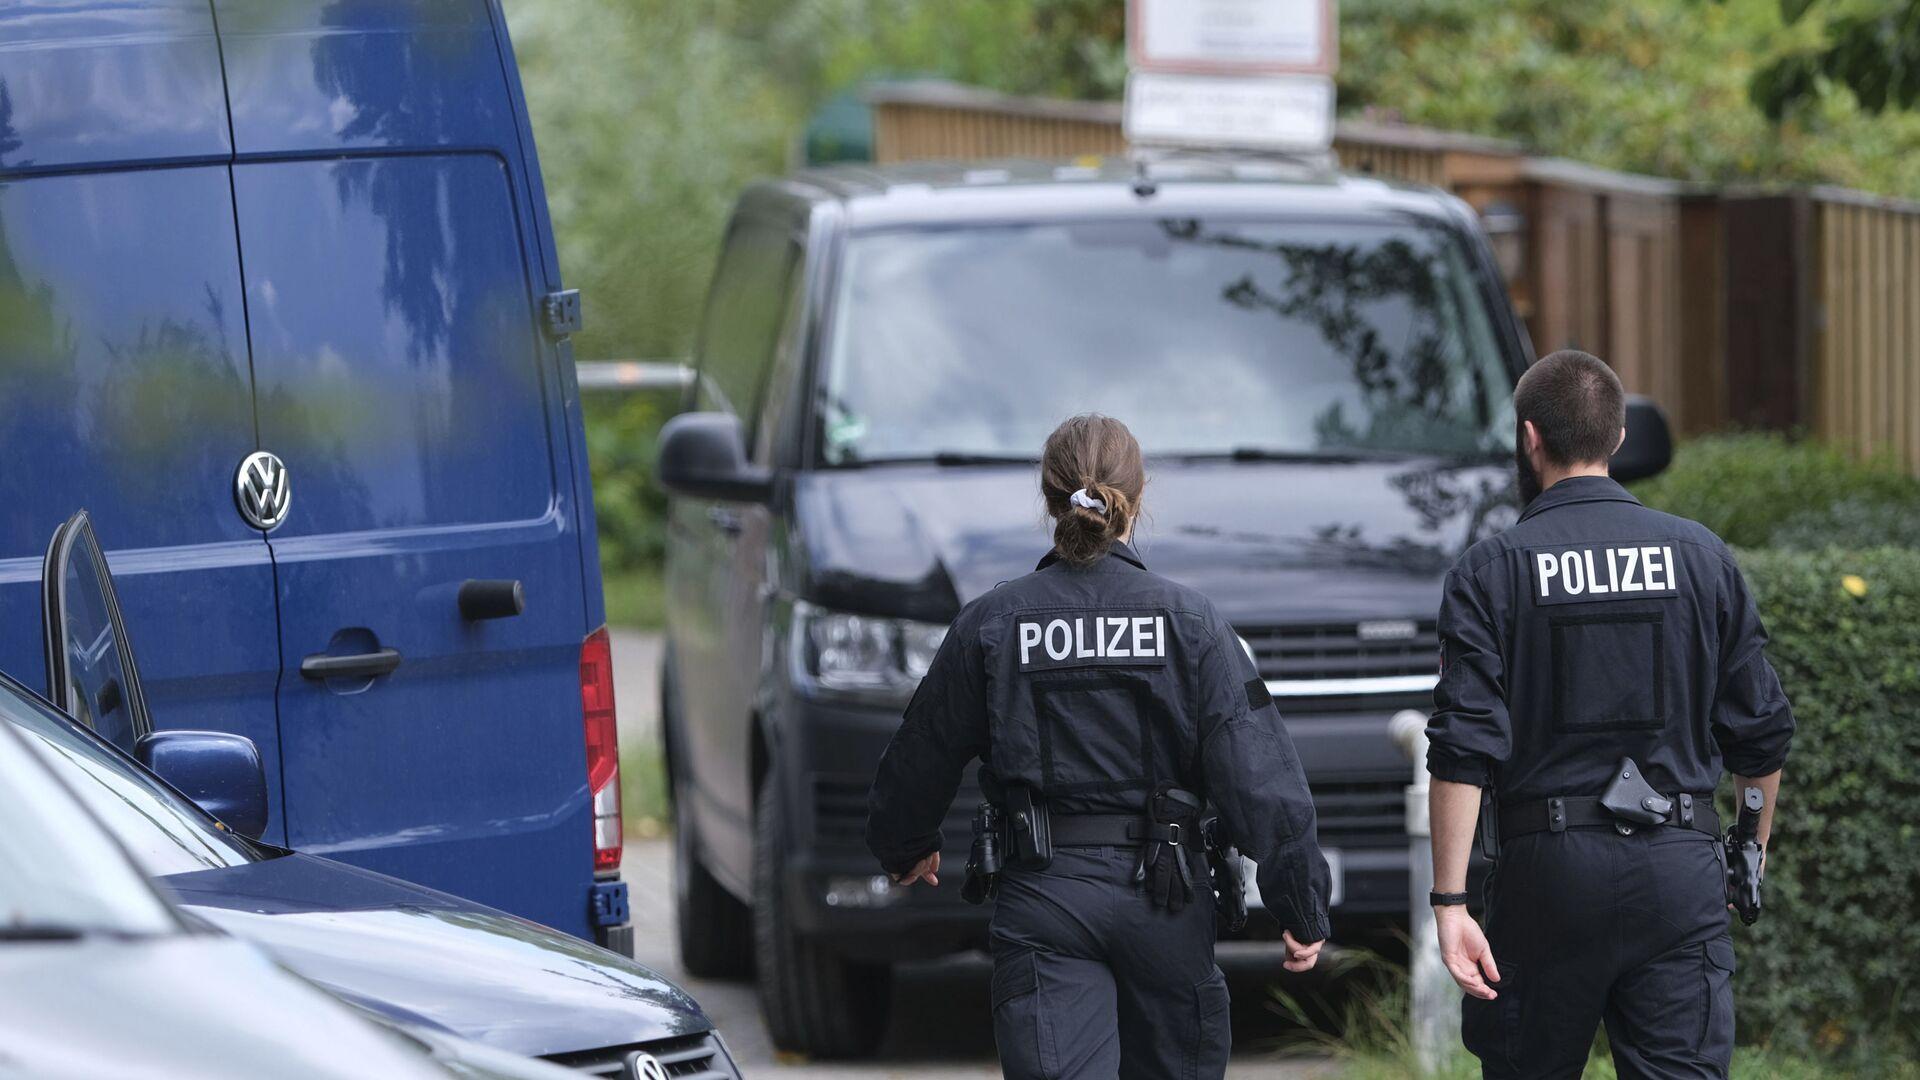 Nemačka policija pretražuje lokaciju u potrazi za nestalom britanskom devojčicom - Sputnik Srbija, 1920, 22.09.2021